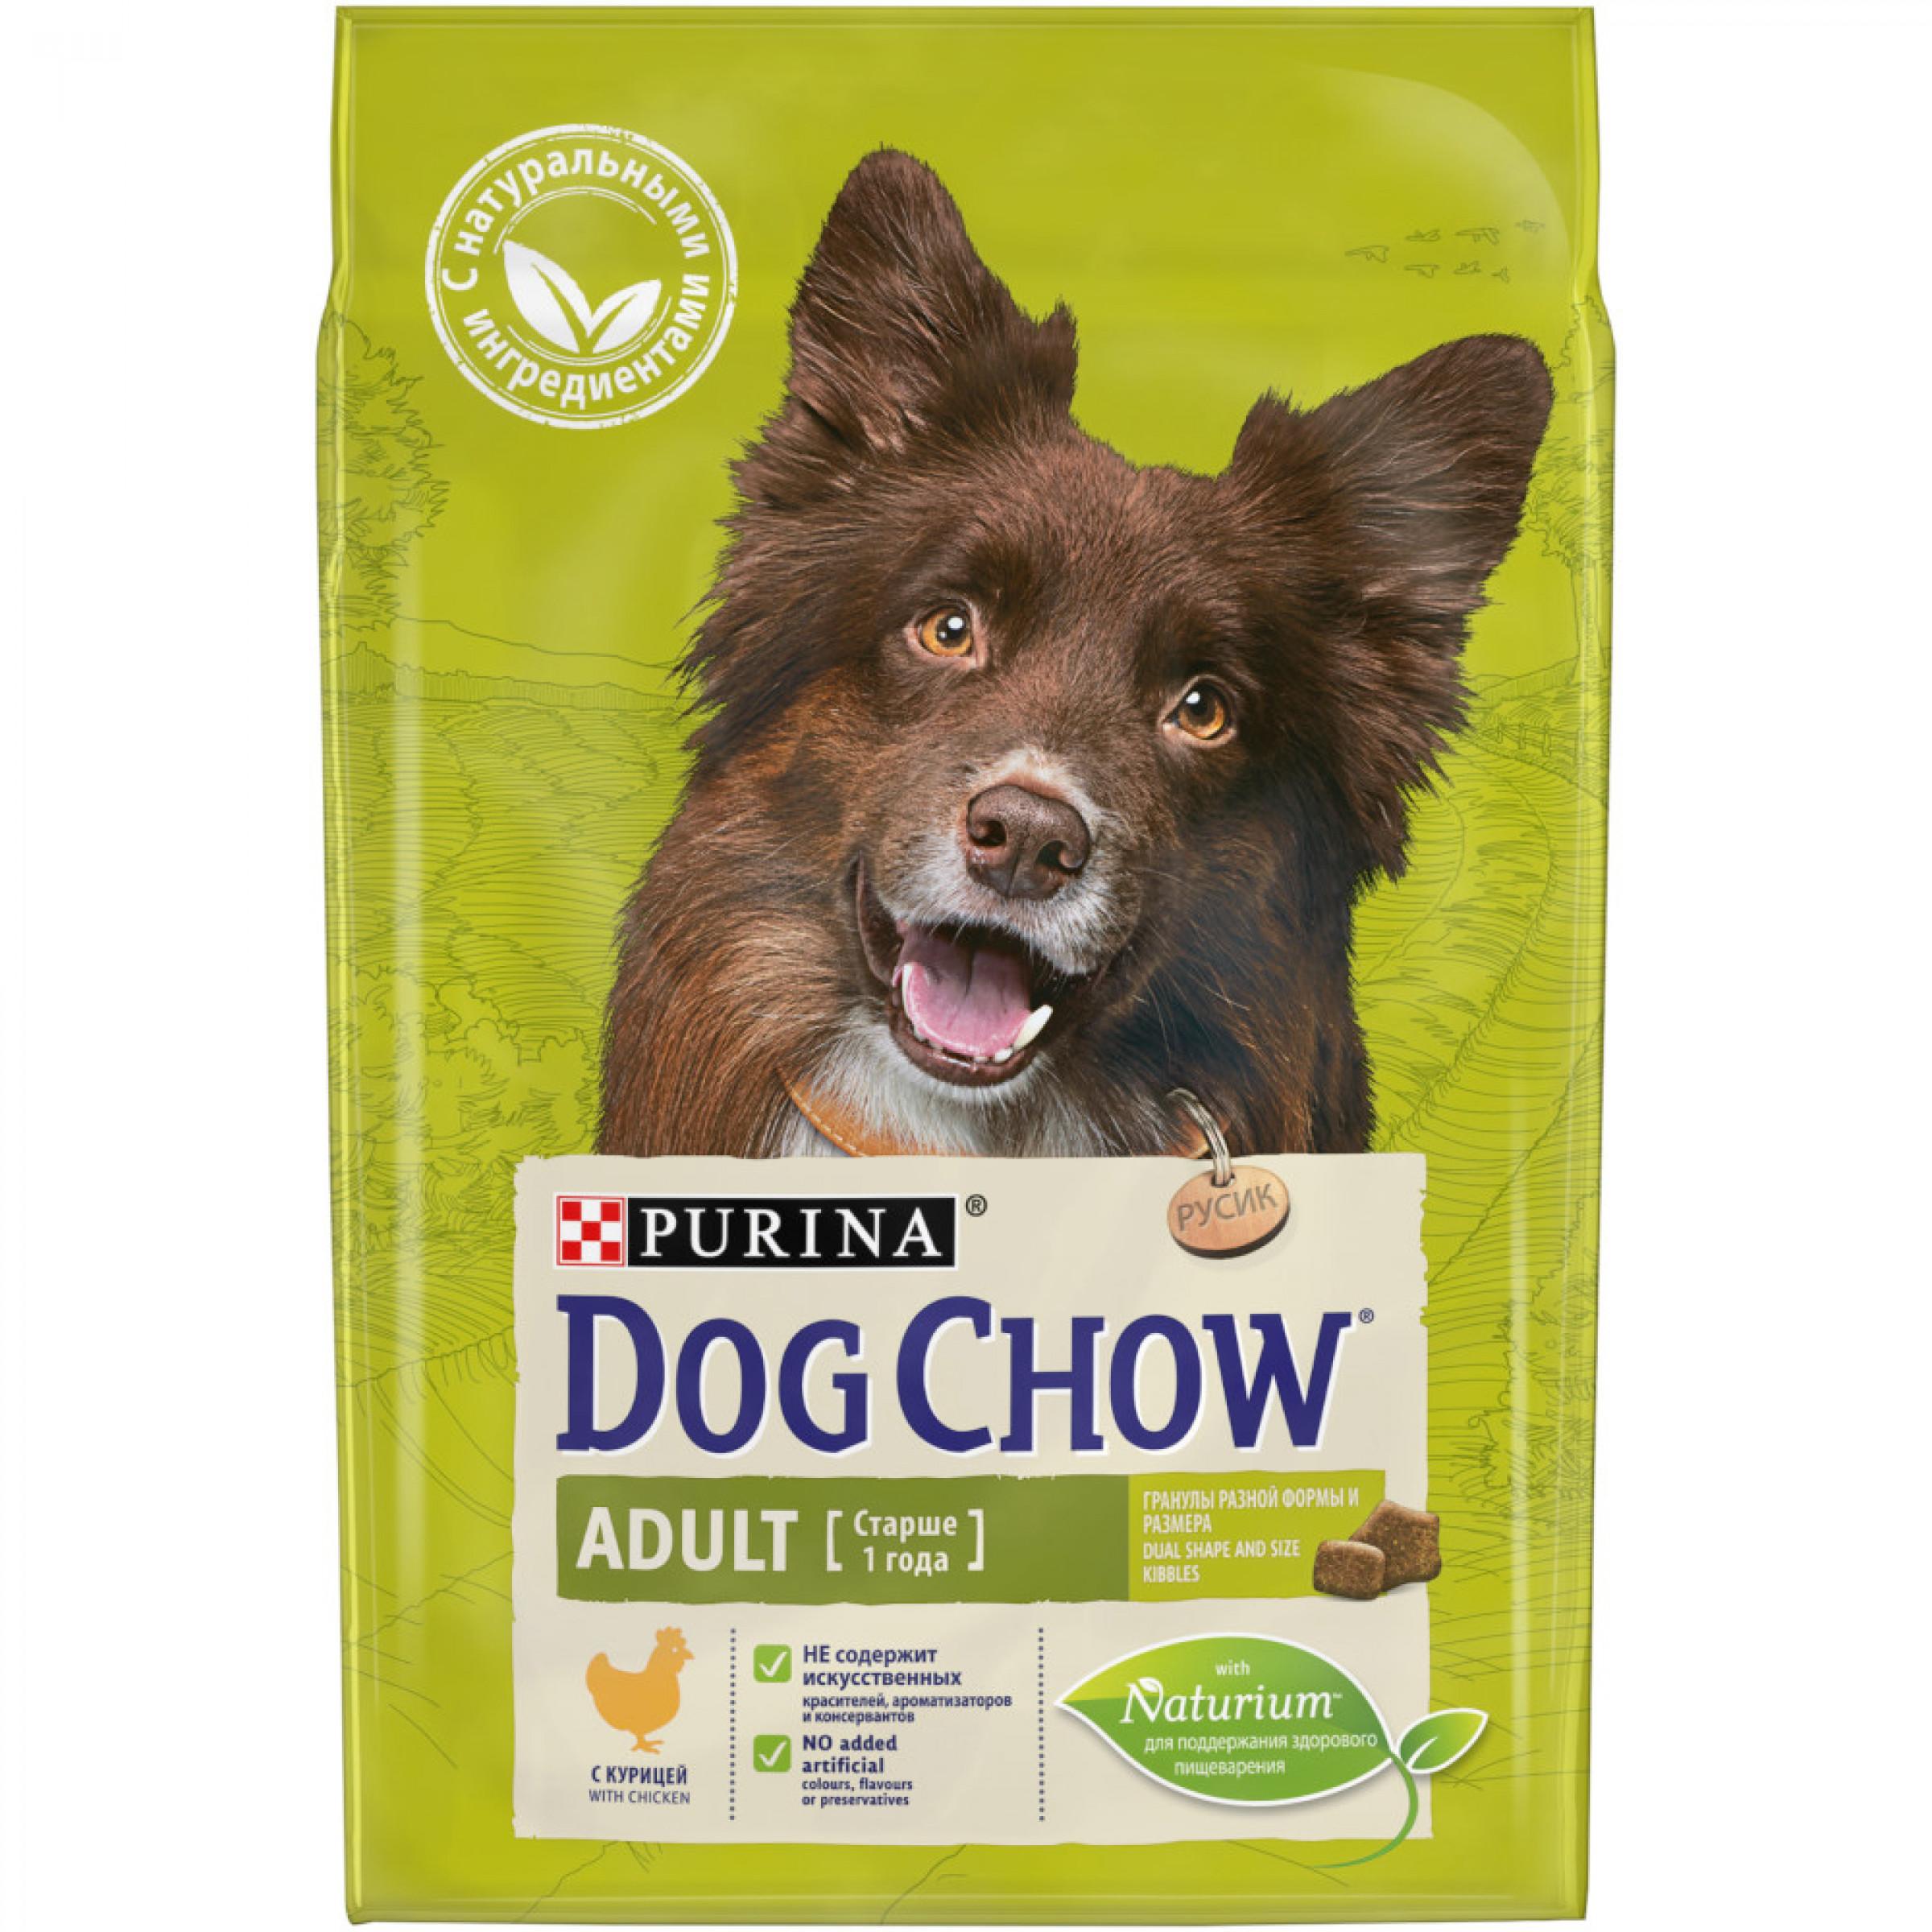 Сухой корм Dog Chow для взрослых собак, с курицей, 2, 5 кг